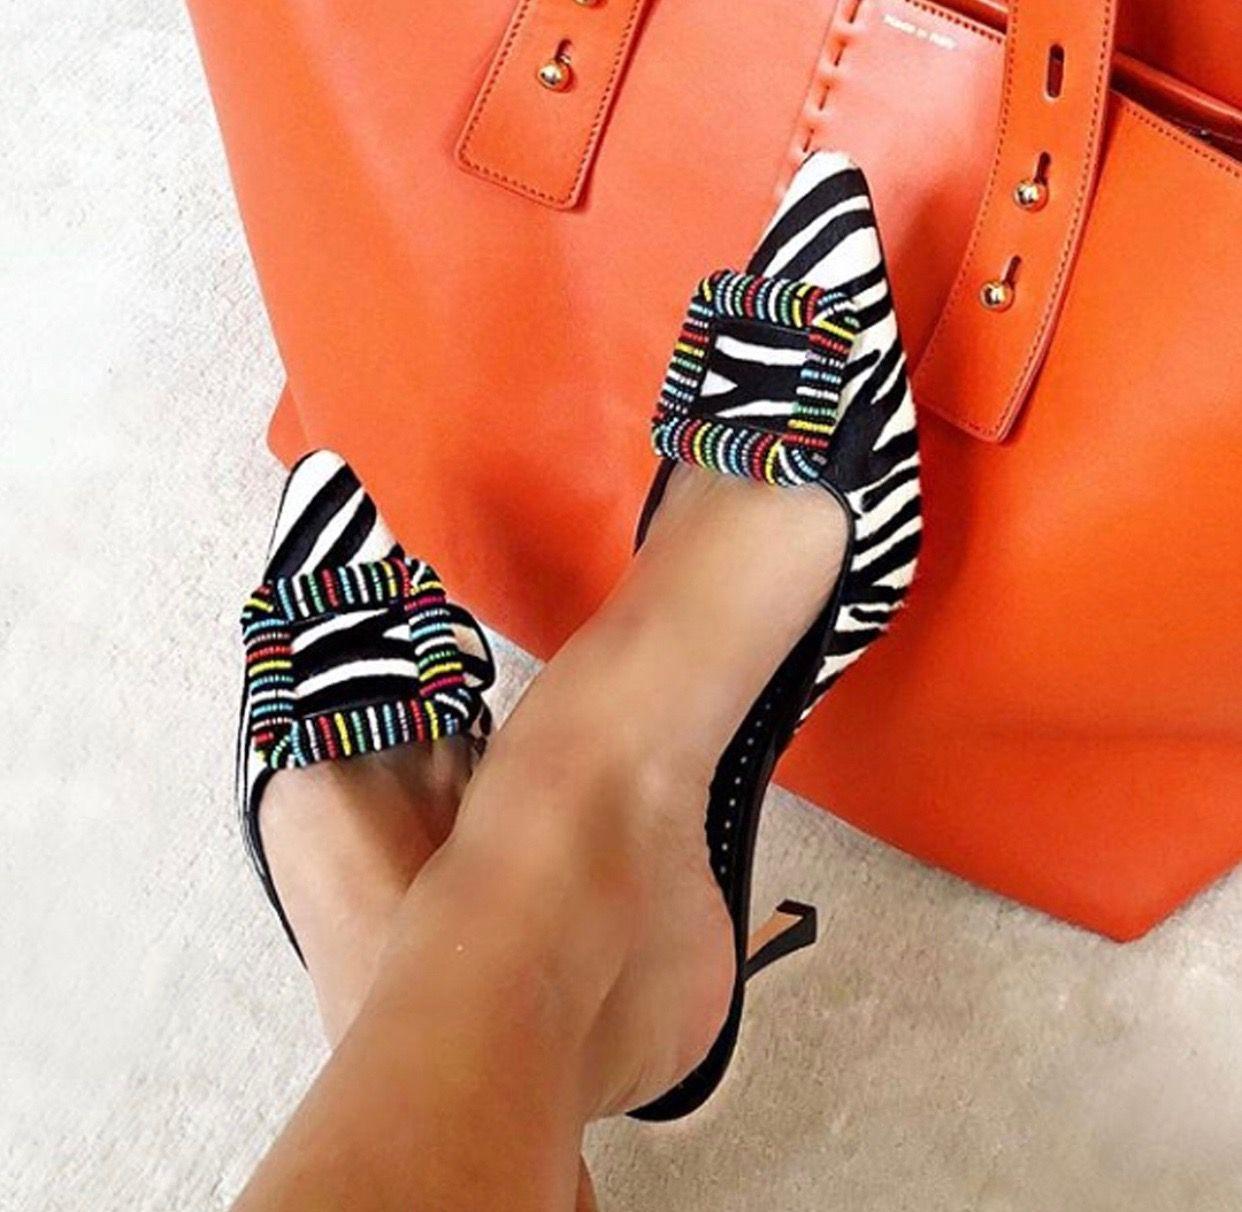 89b12643ed2 Manolo Blahnik Stiletto 2019  shoes  shoesaddict  sandals  zapatos  estilo   fashion  style  vanessacrestto  stiletto  manoloblahnik